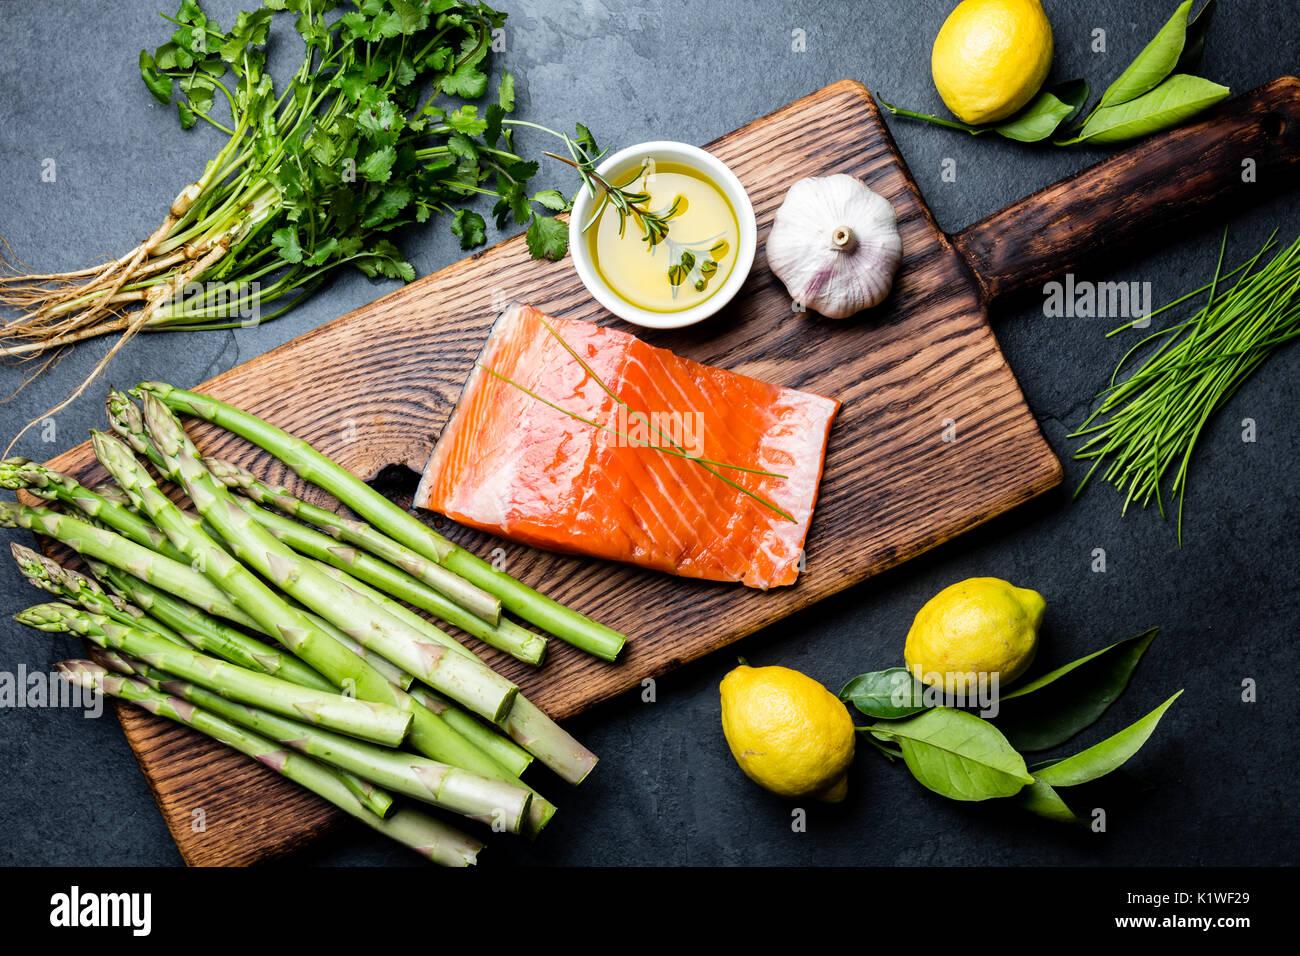 Ingredienti per la cottura. Materie filetto di salmone, gli asparagi e le erbe sul pannello di legno. Per la cottura di alimenti con sfondo spazio copia. Vista superiore Immagini Stock